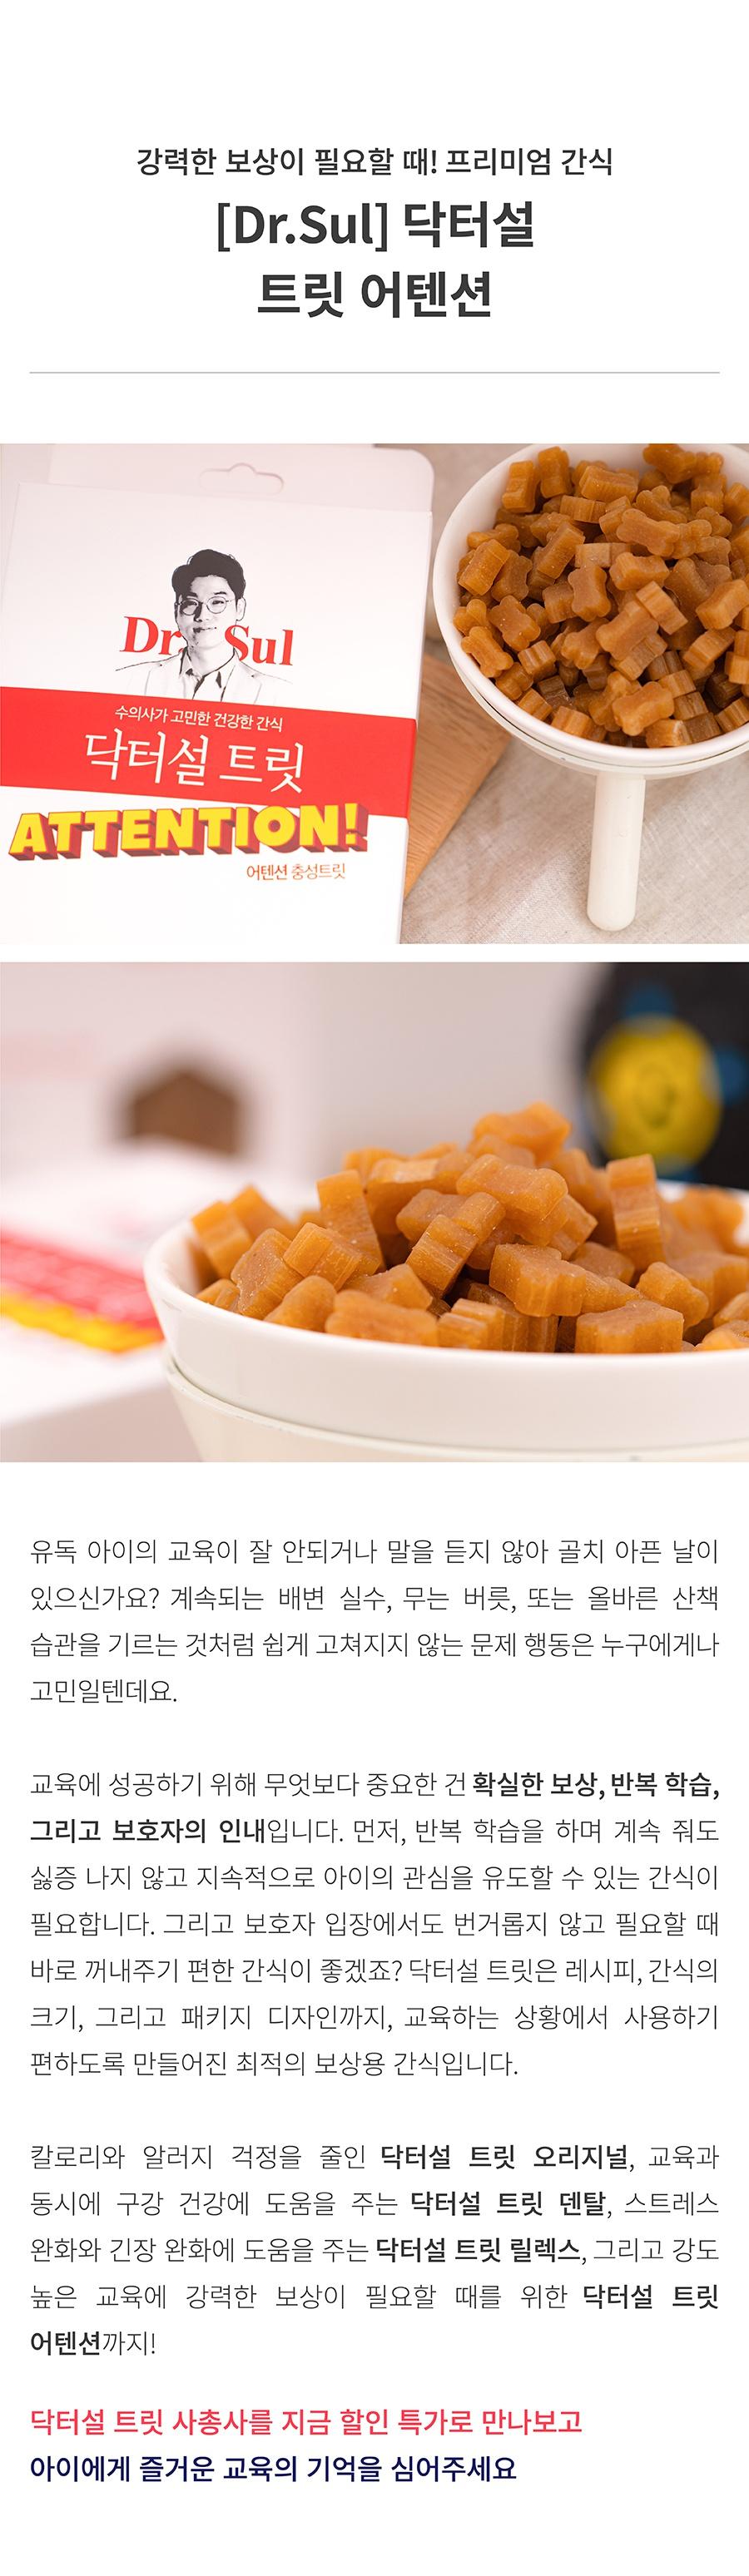 닥터설 트릿 어텐션 (100g)-상품이미지-4